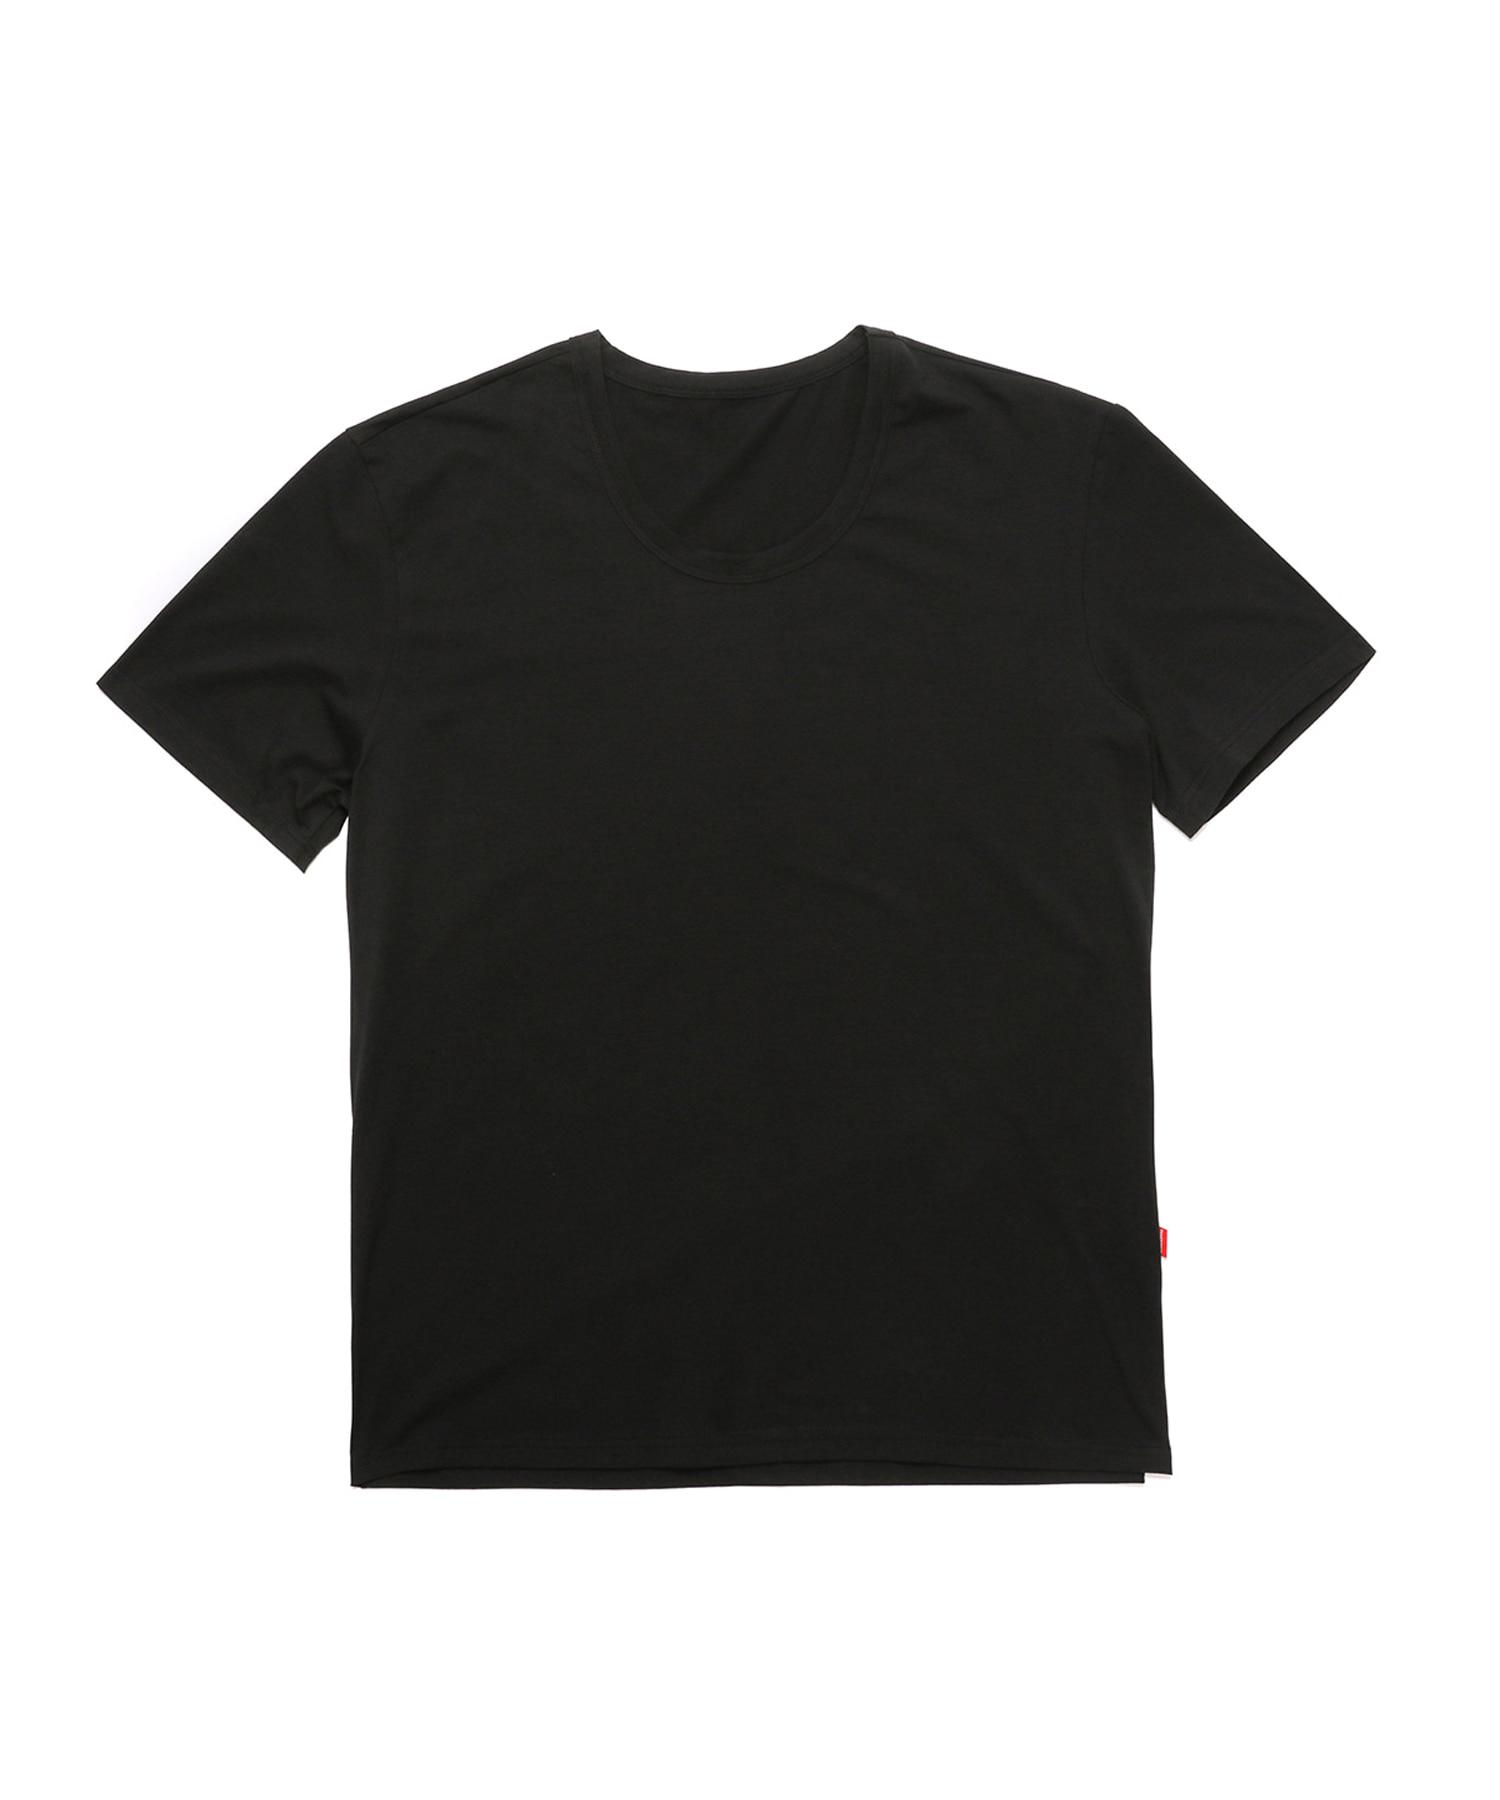 [테이크폼] U넥 루즈핏 반팔티 블랙